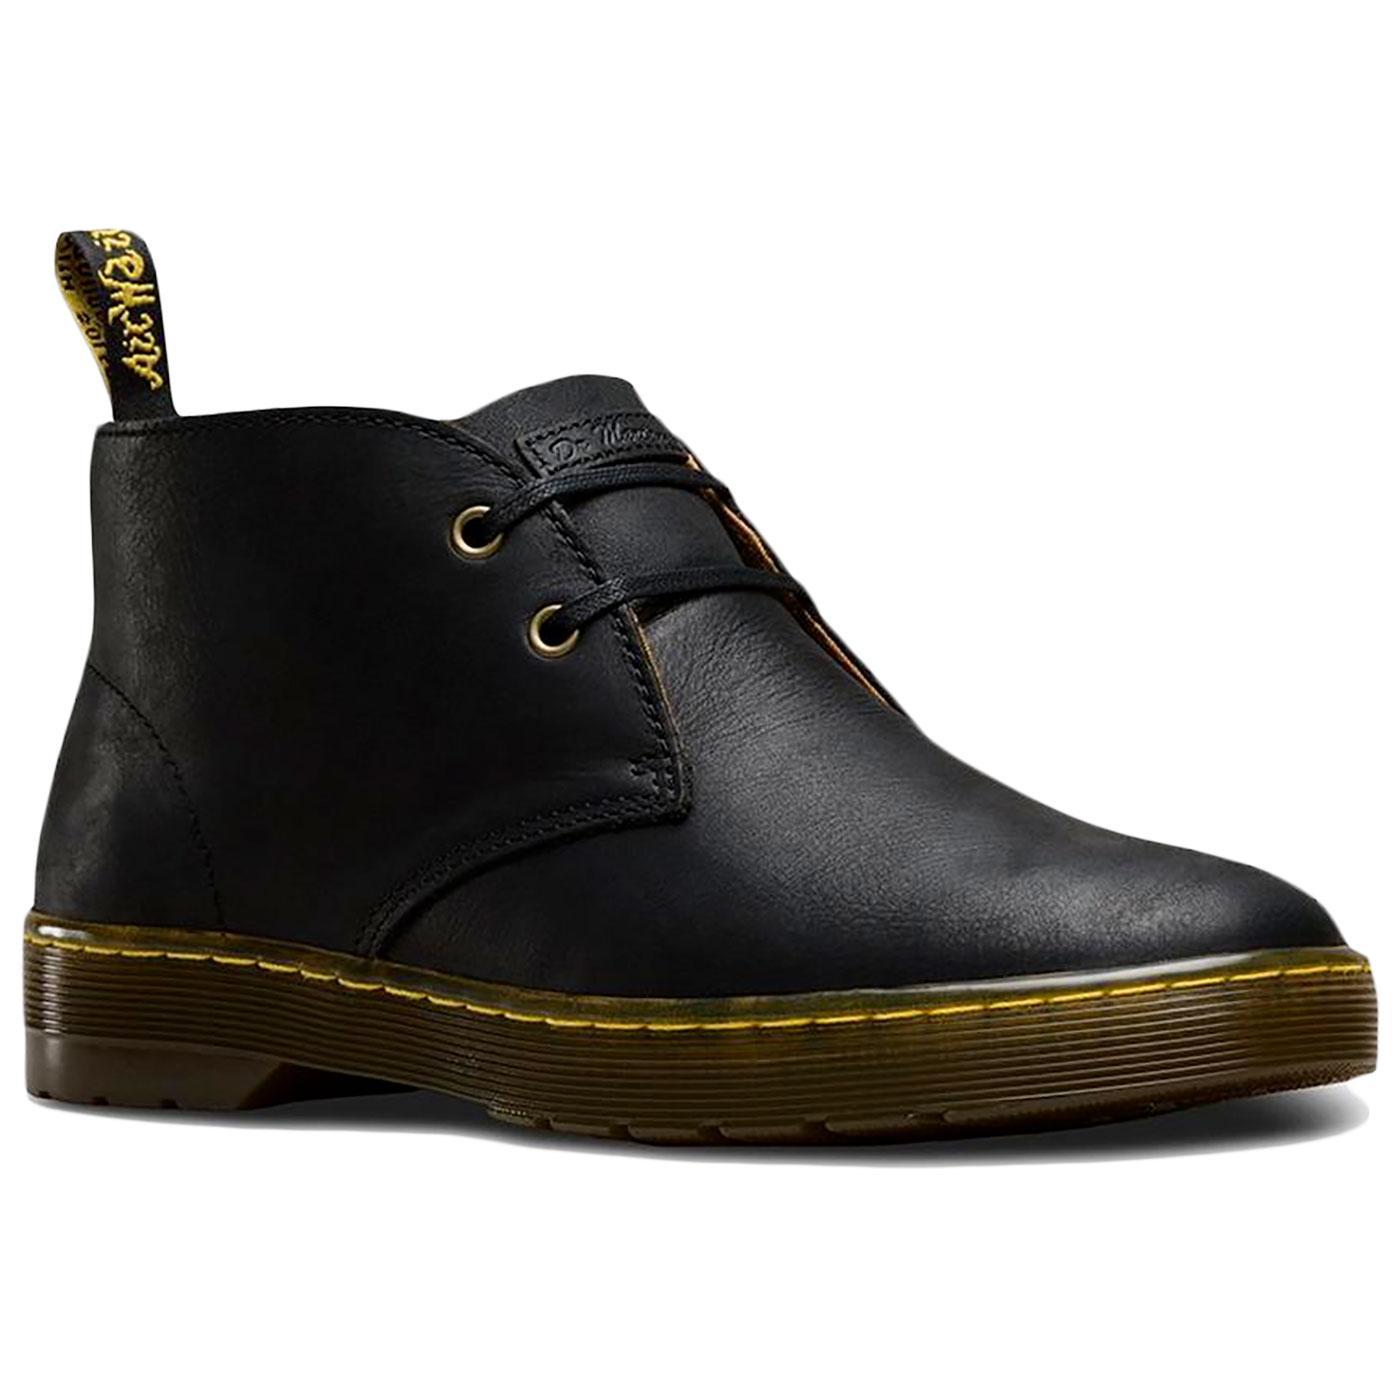 Cabrillo DR MARTENS Retro Wyoming Desert Boots